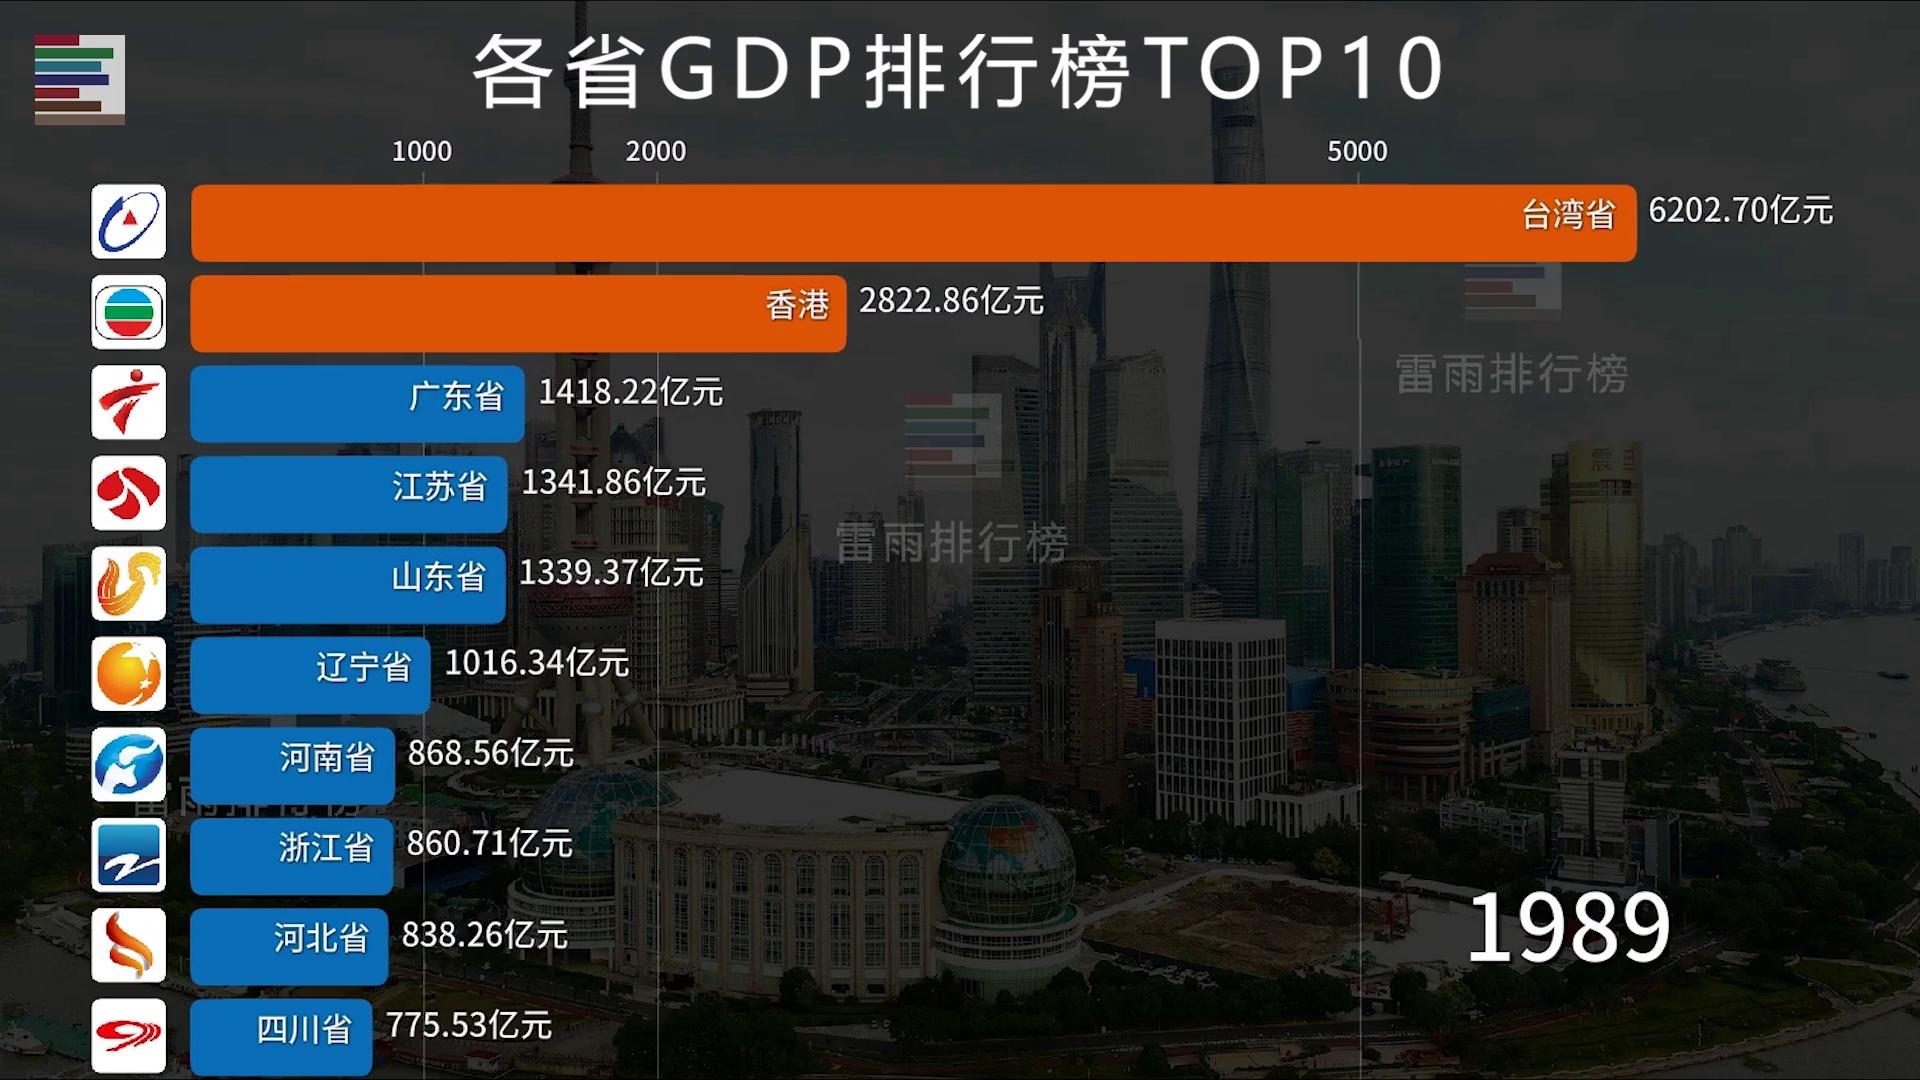 1949-2019各省GDP排行榜TOP10,见证中国经济崛起之路